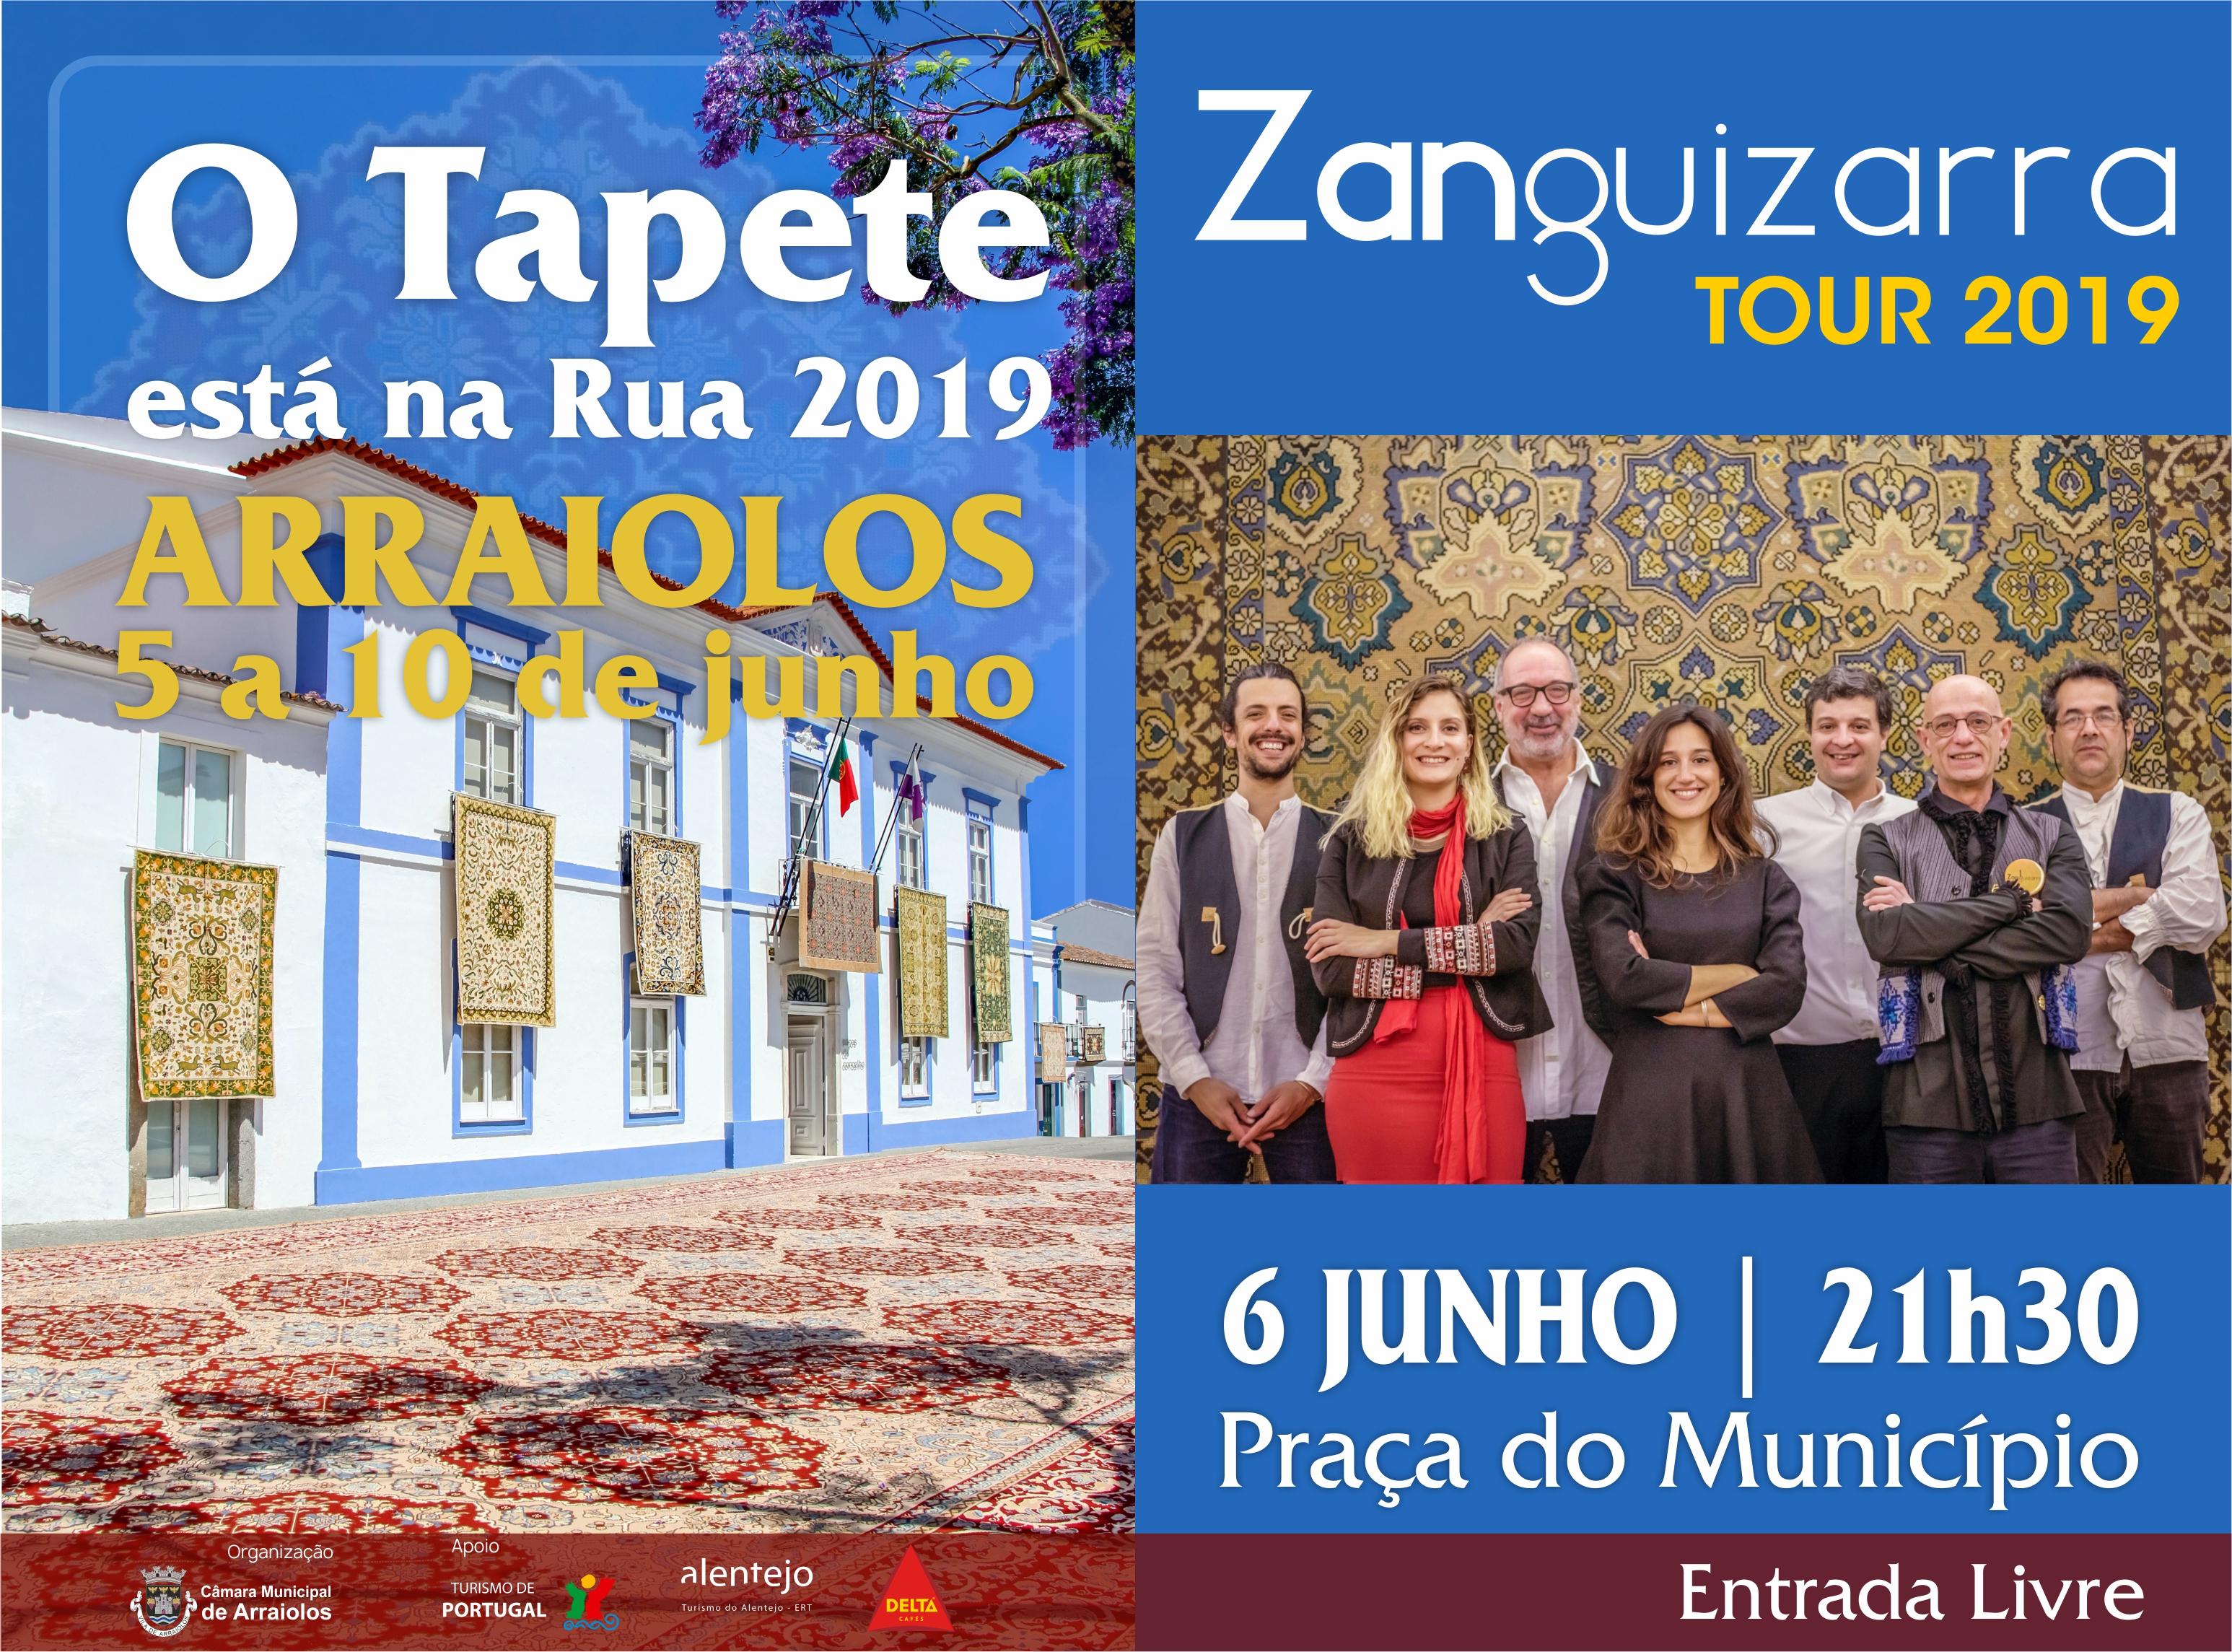 Zanguizarra_Tapete_Rua_2019.jpg